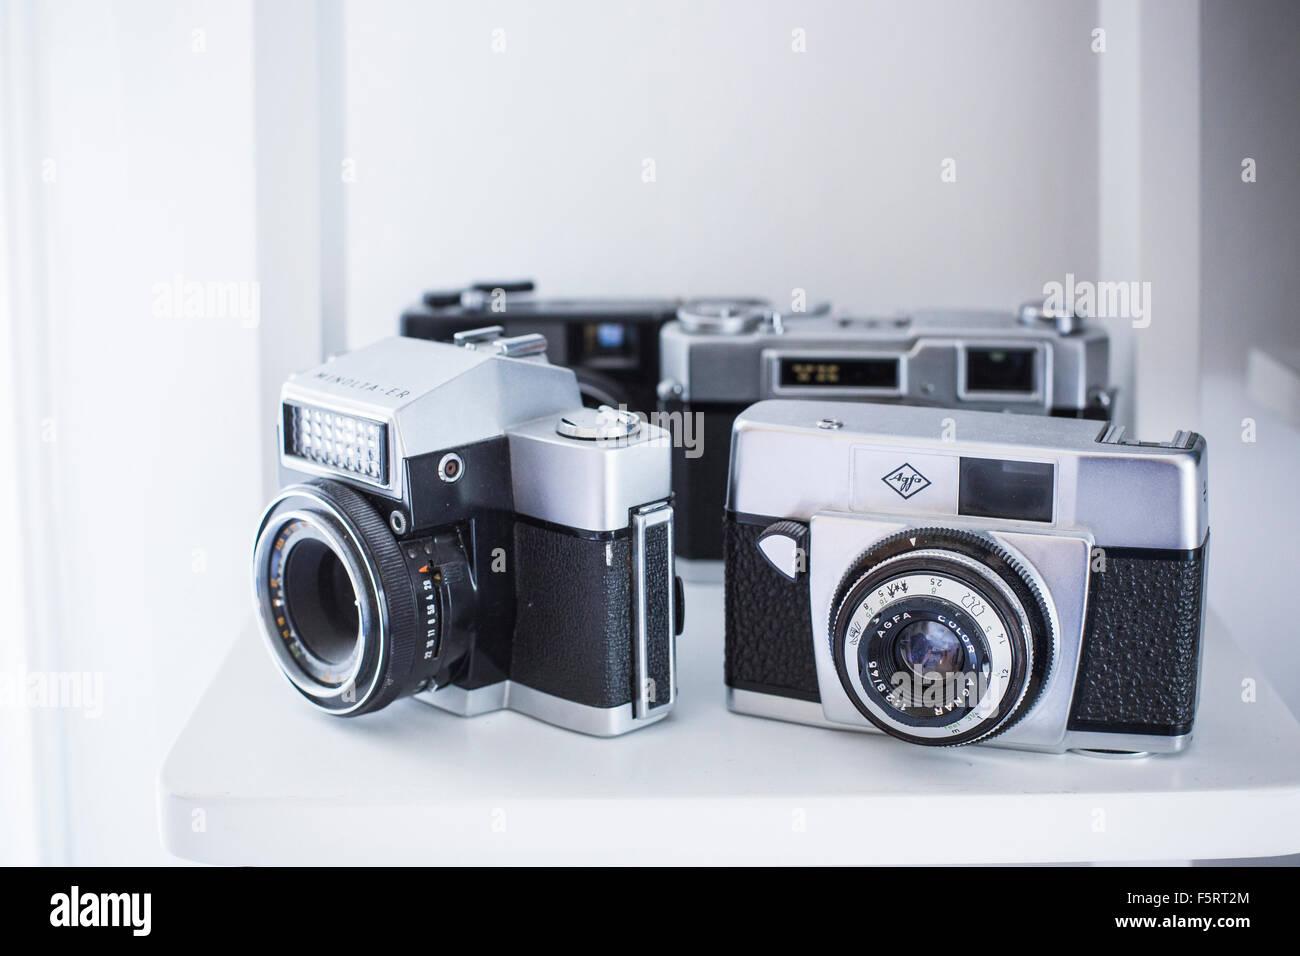 Sweden, Vintage analogue cameras on shelf - Stock Image